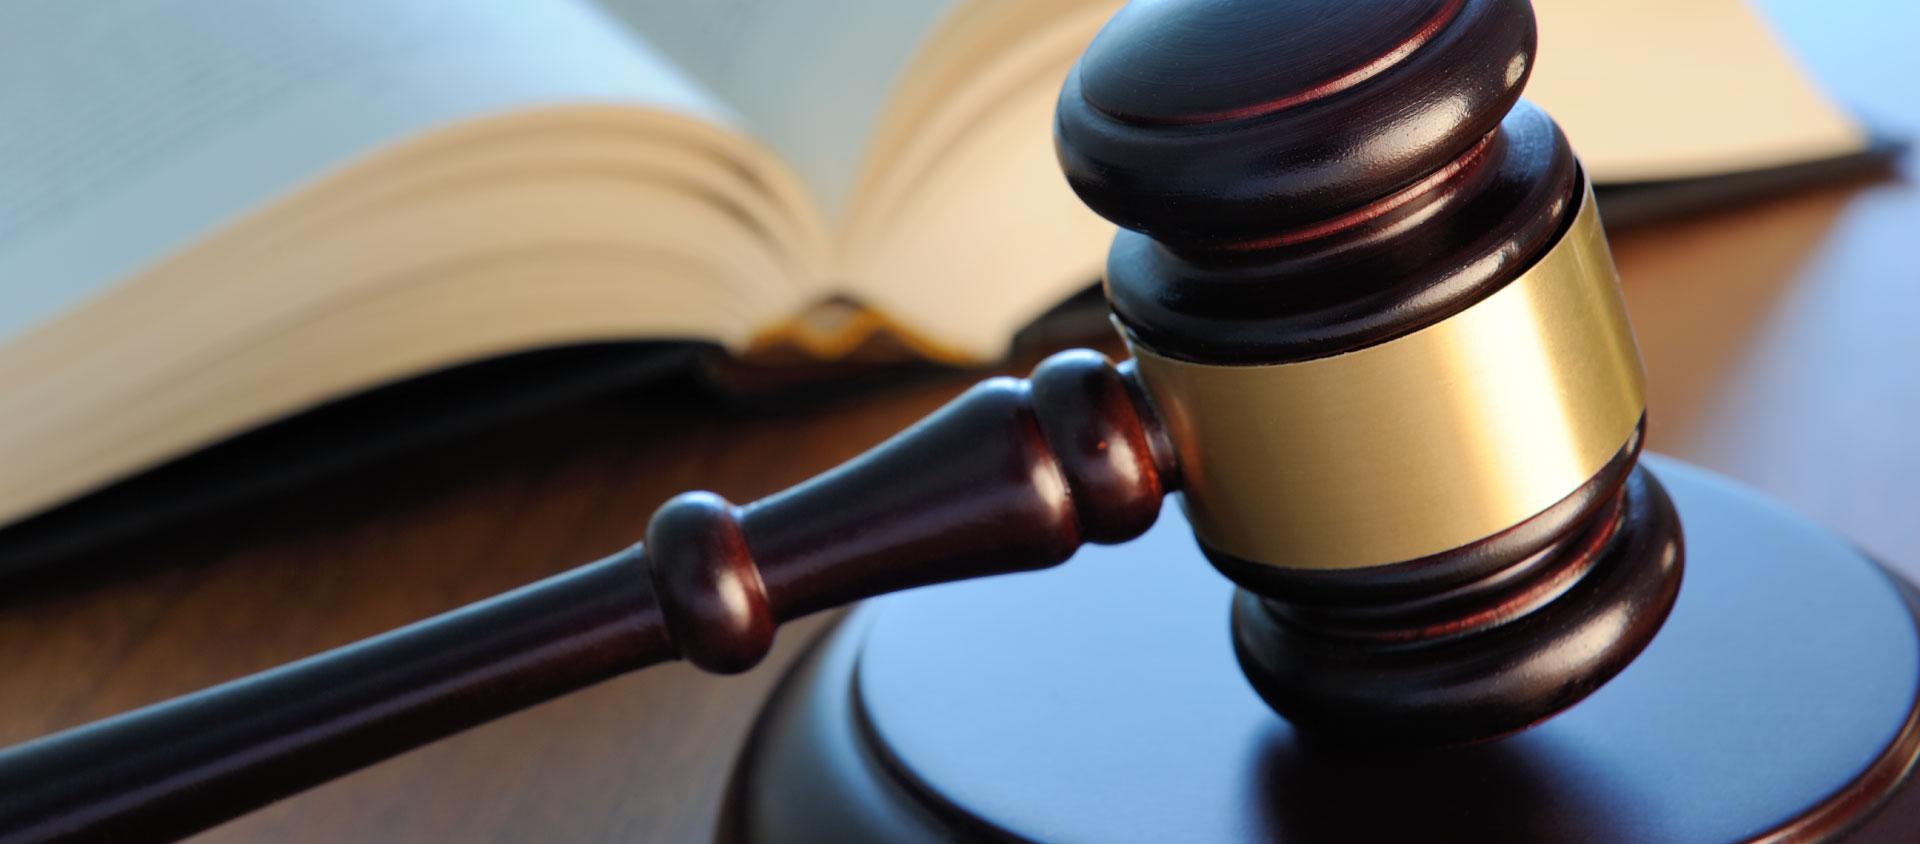 Judicialização da saúde: como curar?